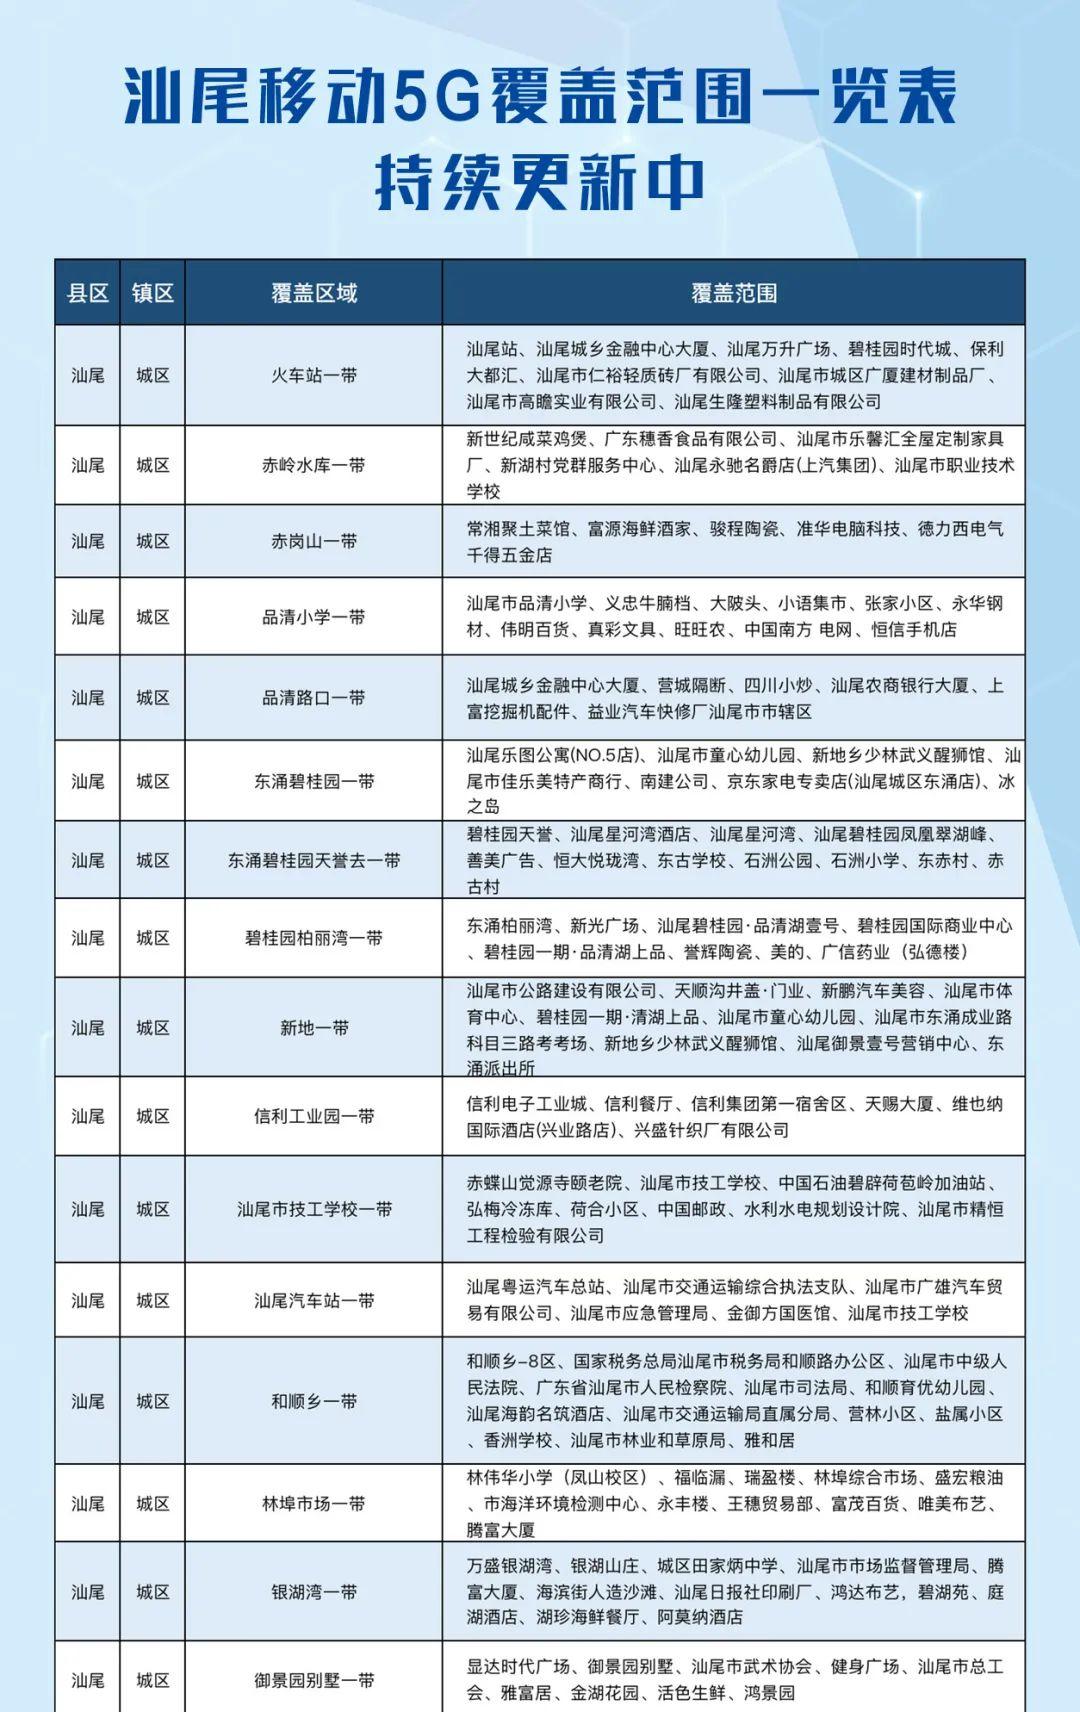 汕尾移动公布2020年中汕尾全市5G最新覆盖范围 汕尾新闻 第1张